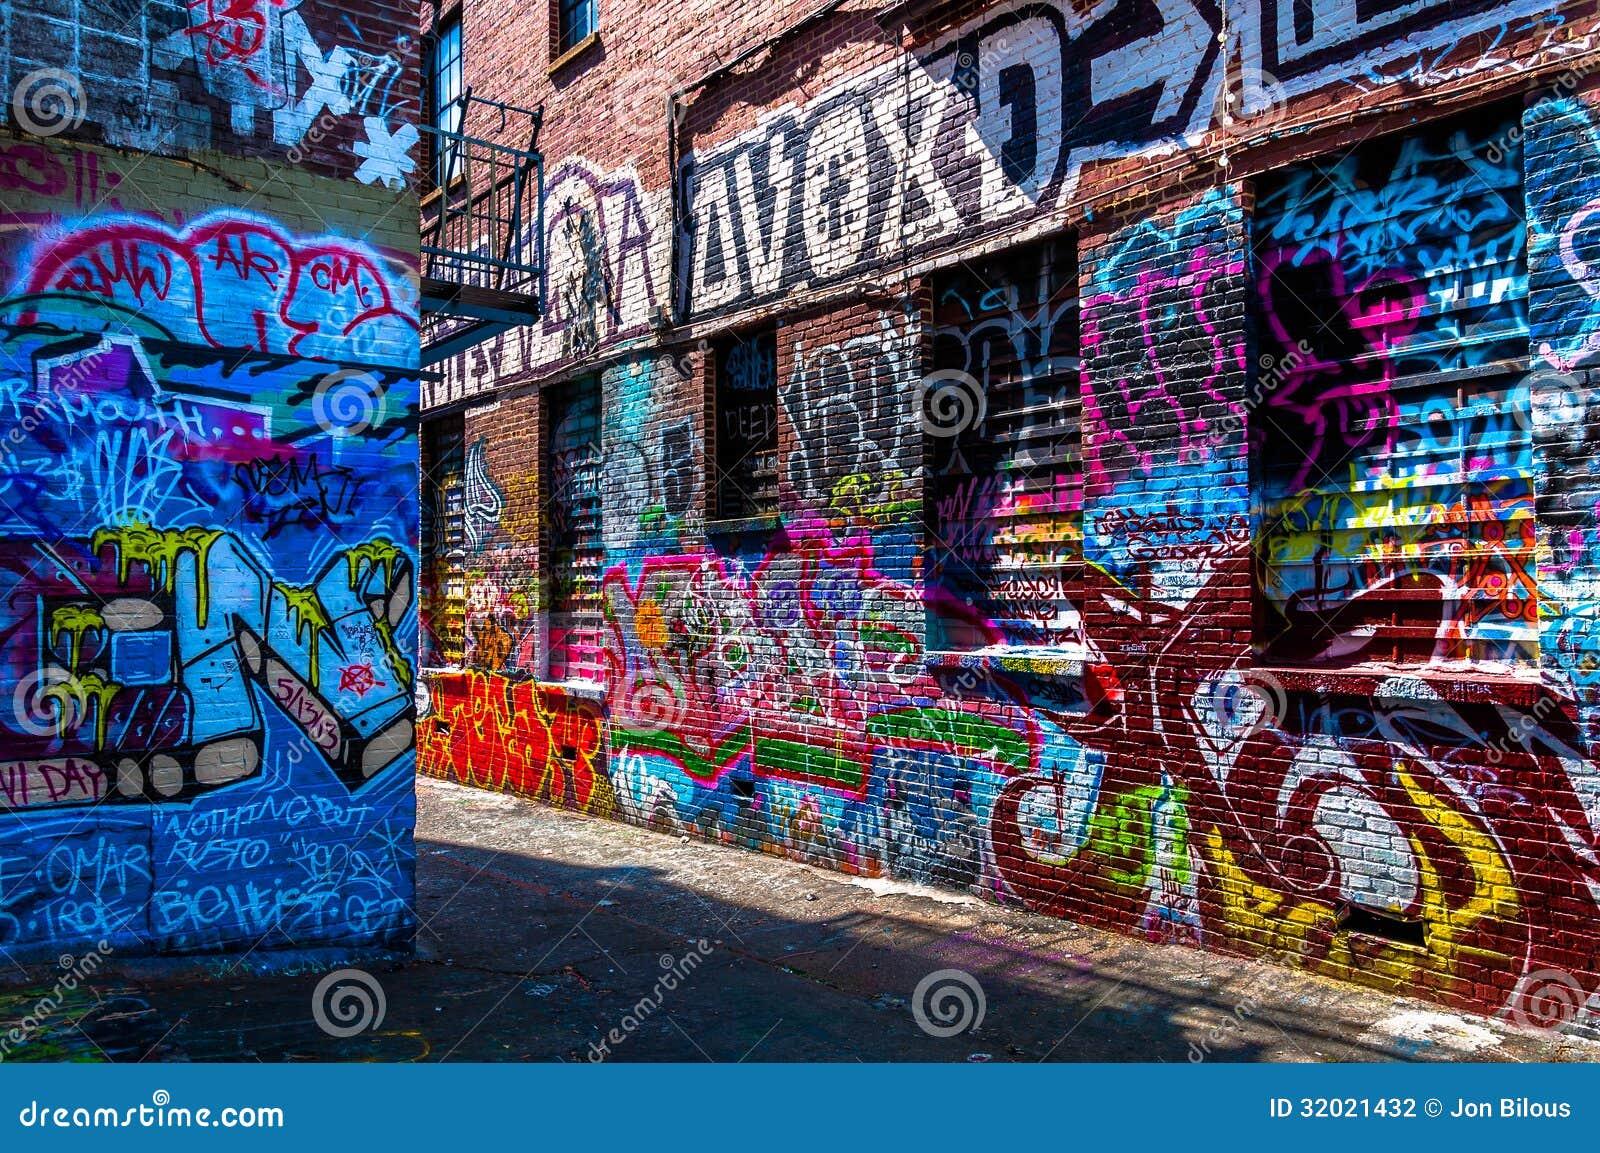 Graffiti designs for walls